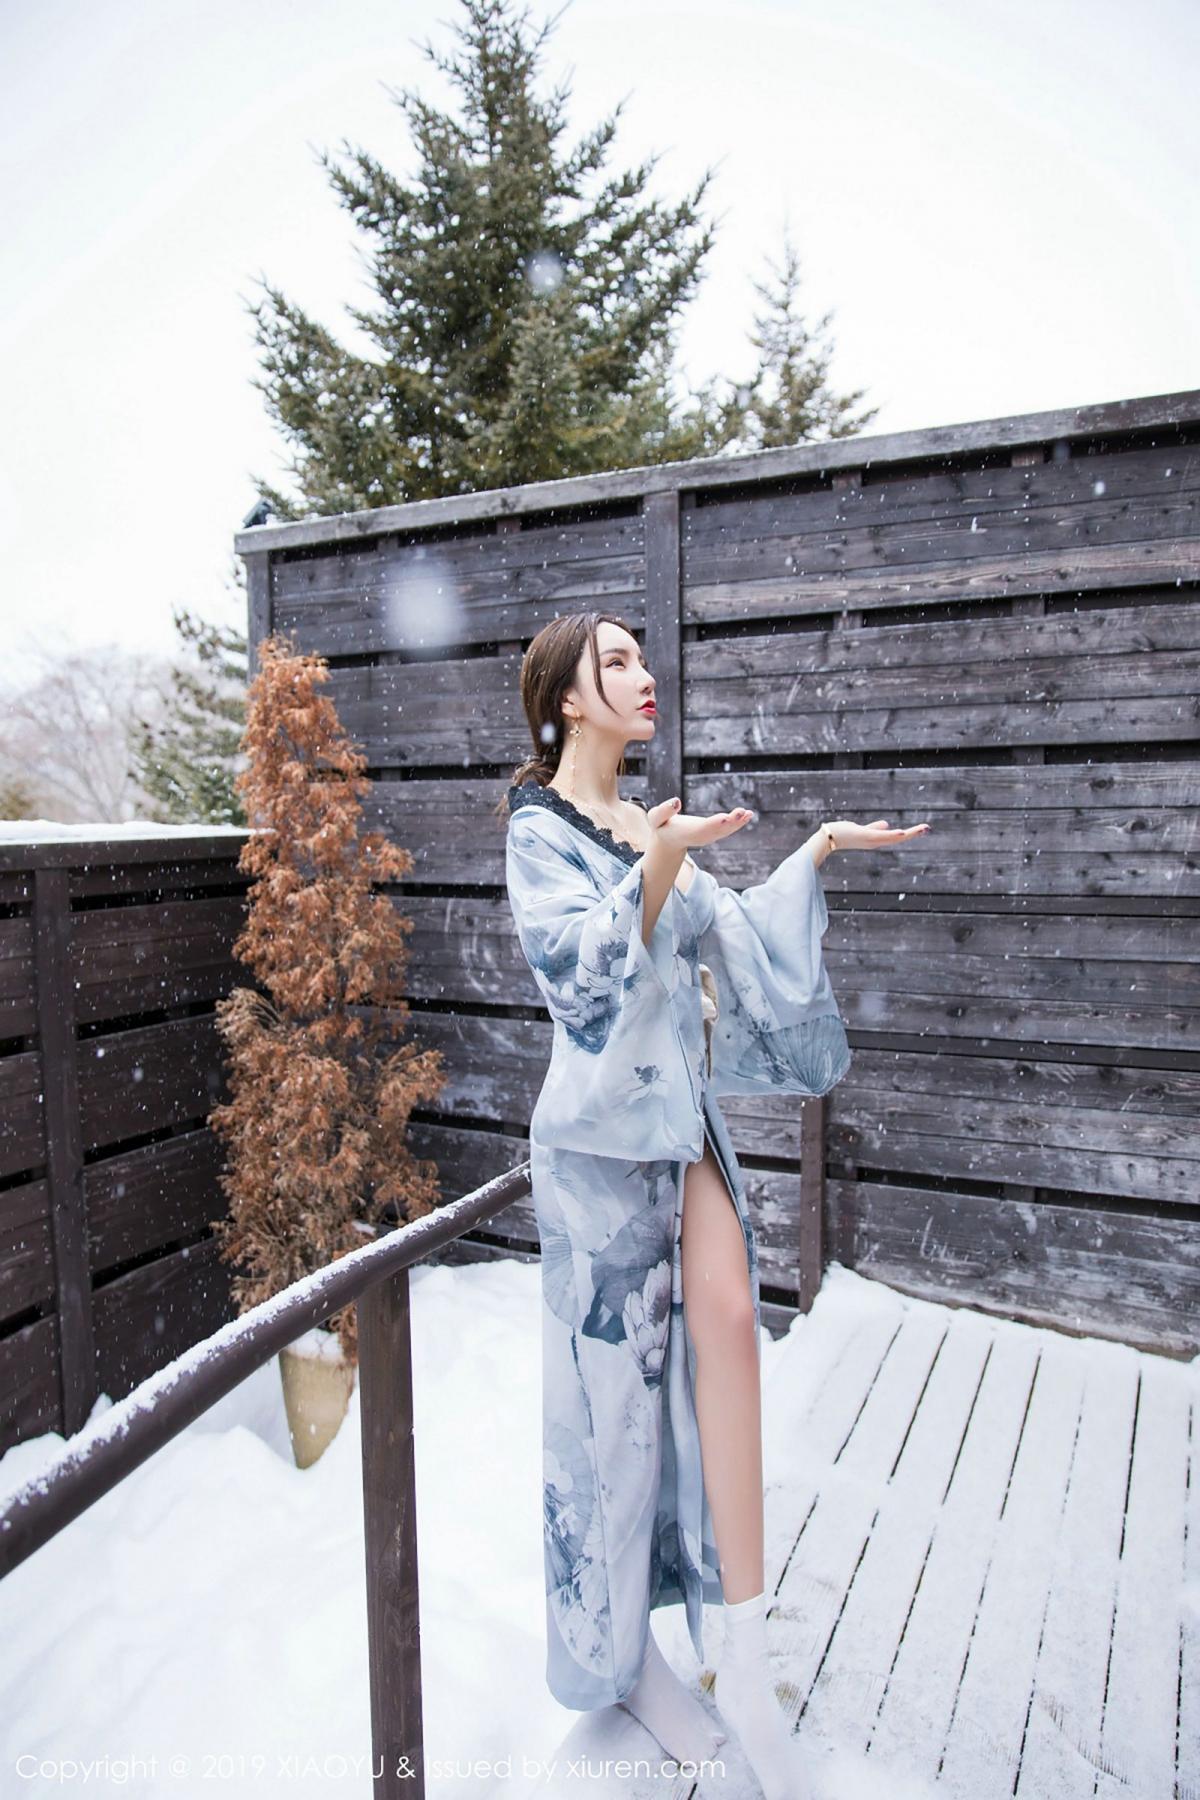 [XiaoYu] Vol.007 Zhou Yu Xi 13P, Snow, Tall, XiaoYu, Zhou Yu Xi